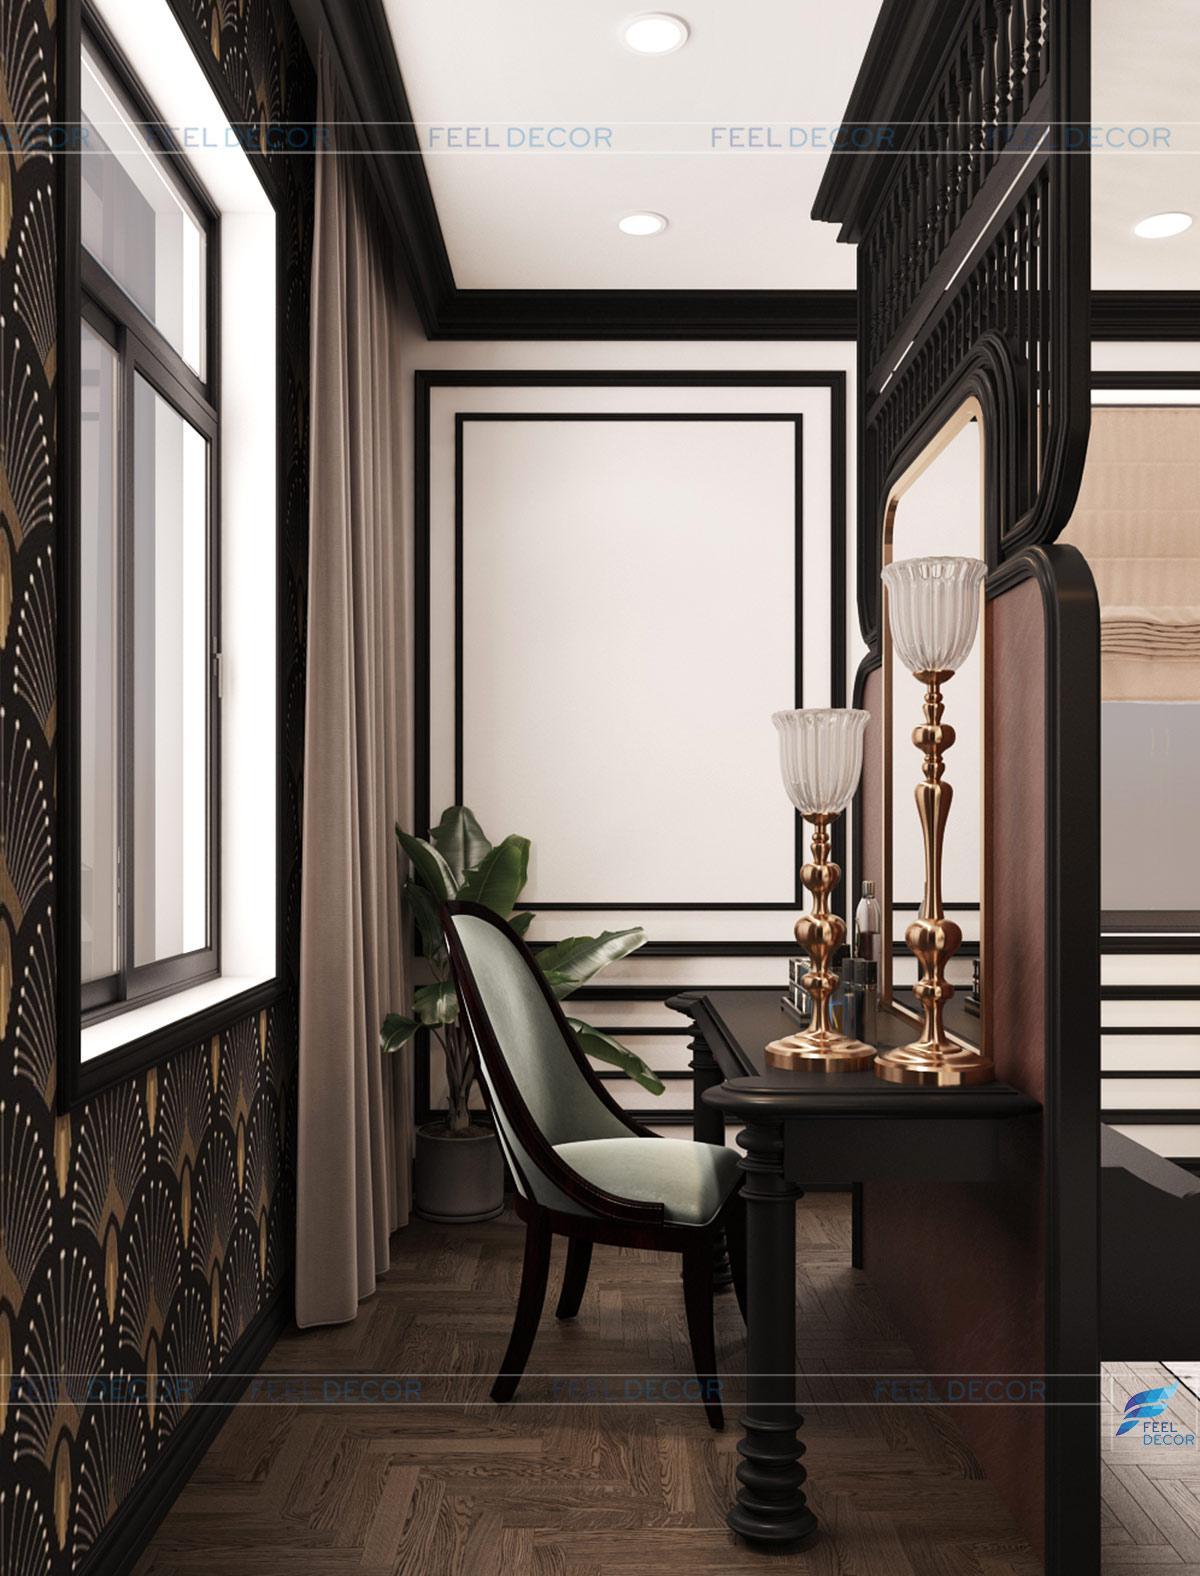 Thiết kế nội thất phòng ngủ sang trọng và đẹp mắt